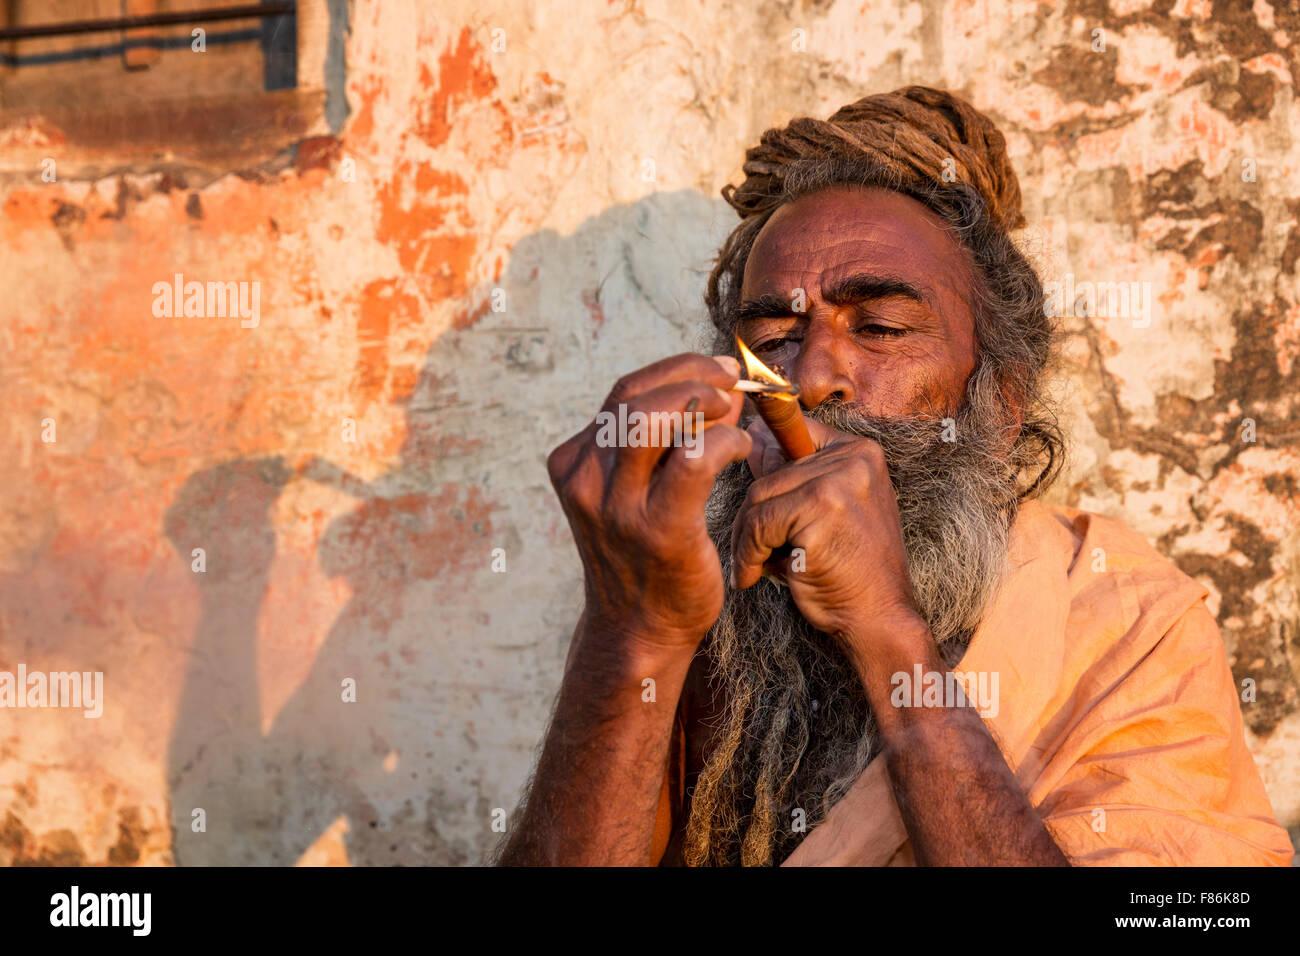 A Sadhu smoking ganja, holy man, Galtaji, Khania-Balaji, Jaipur, Rajasthan, India - Stock Image